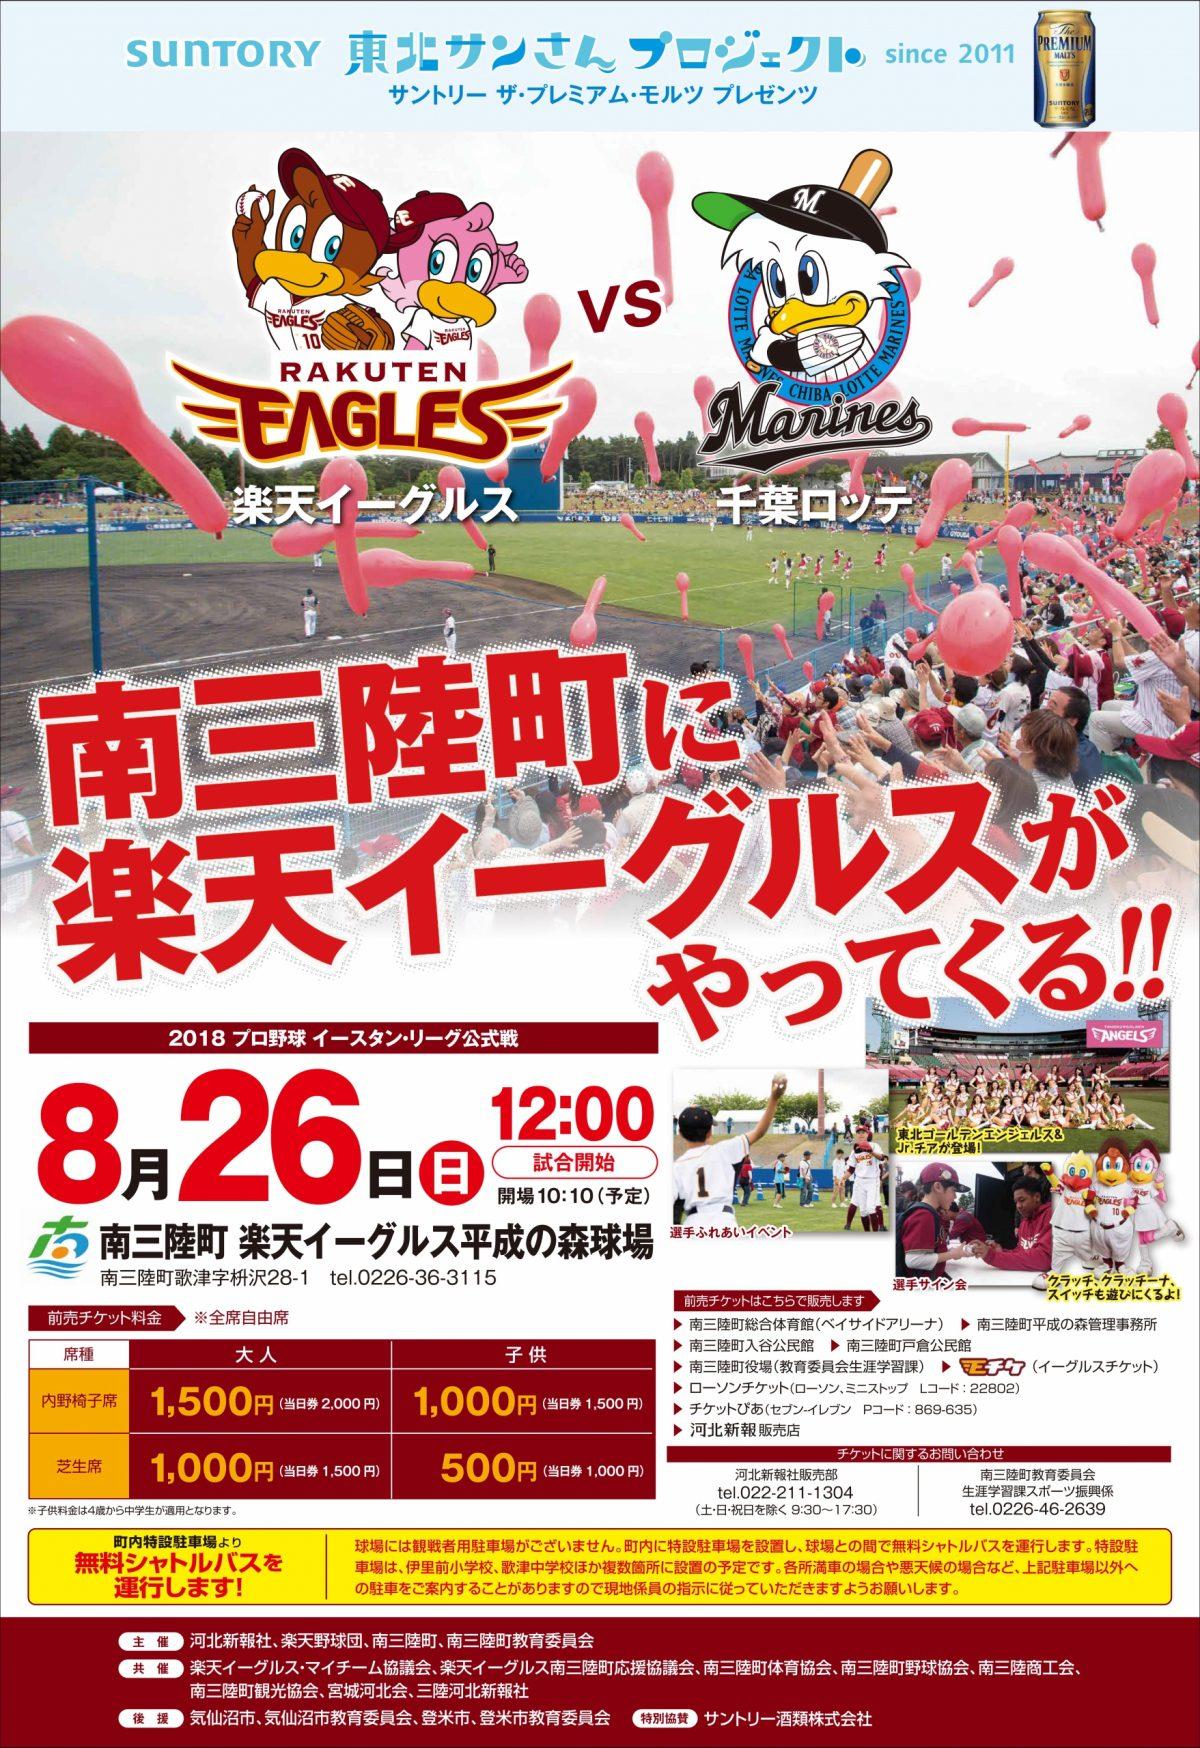 8月26日(日)南三陸町 楽天イーグルス平成の森球場で「イースタンリーグ公式戦」開催!